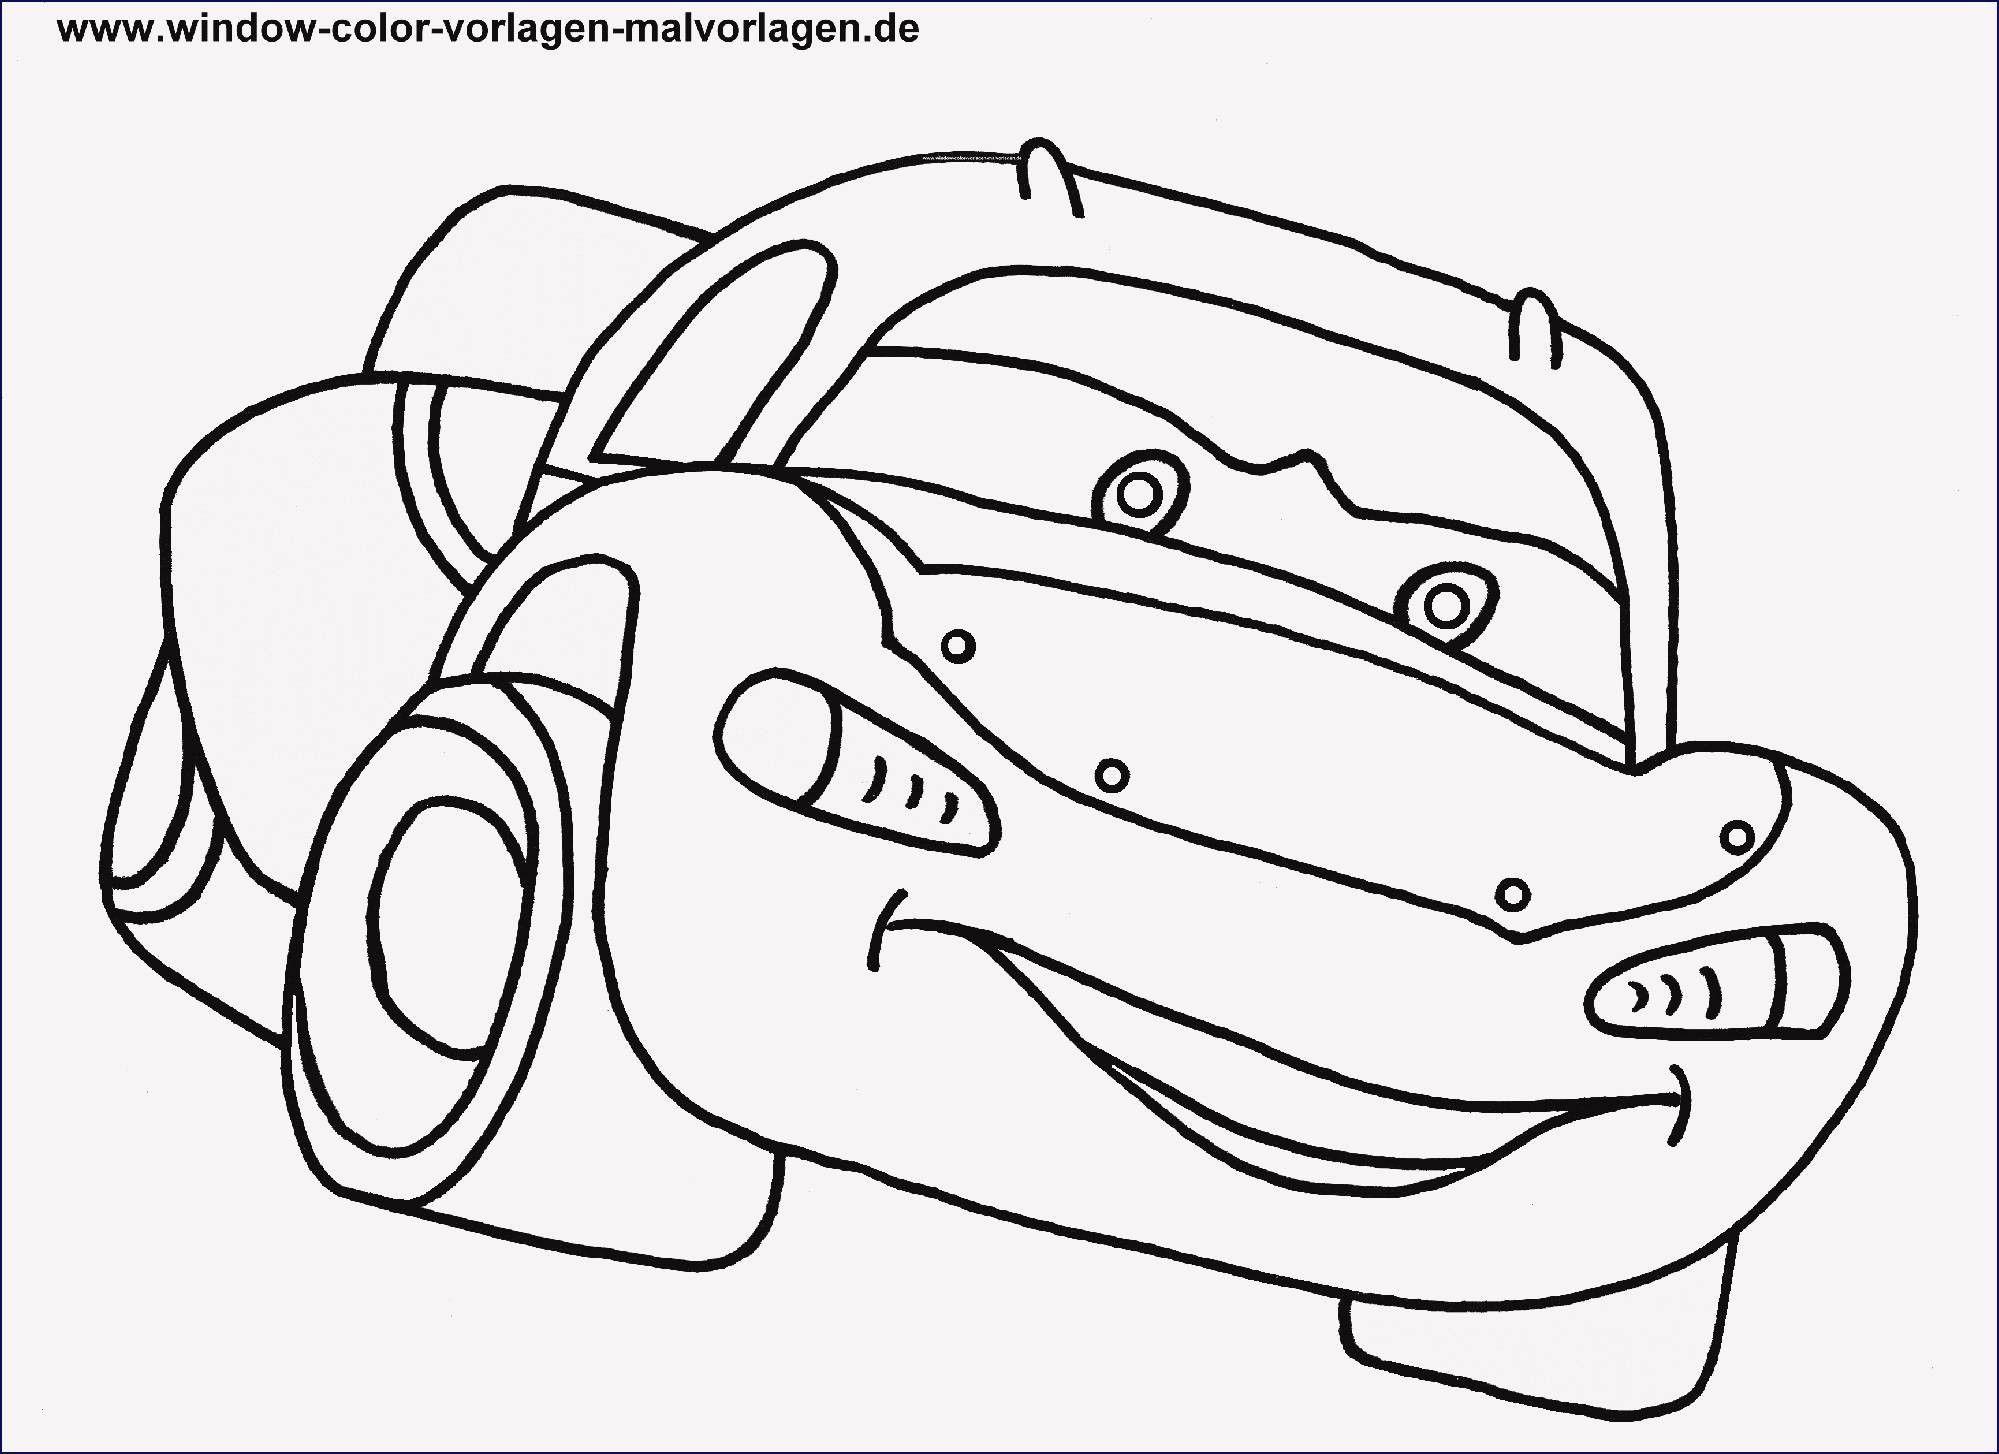 Einzigartig Malvorlagen Drucken Farbung Malvorlagen Malvorlagenfurkinder Ausmalbilder Zum Ausdrucken Kostenlos Malvorlagen Zum Ausdrucken Malvorlagen Gratis